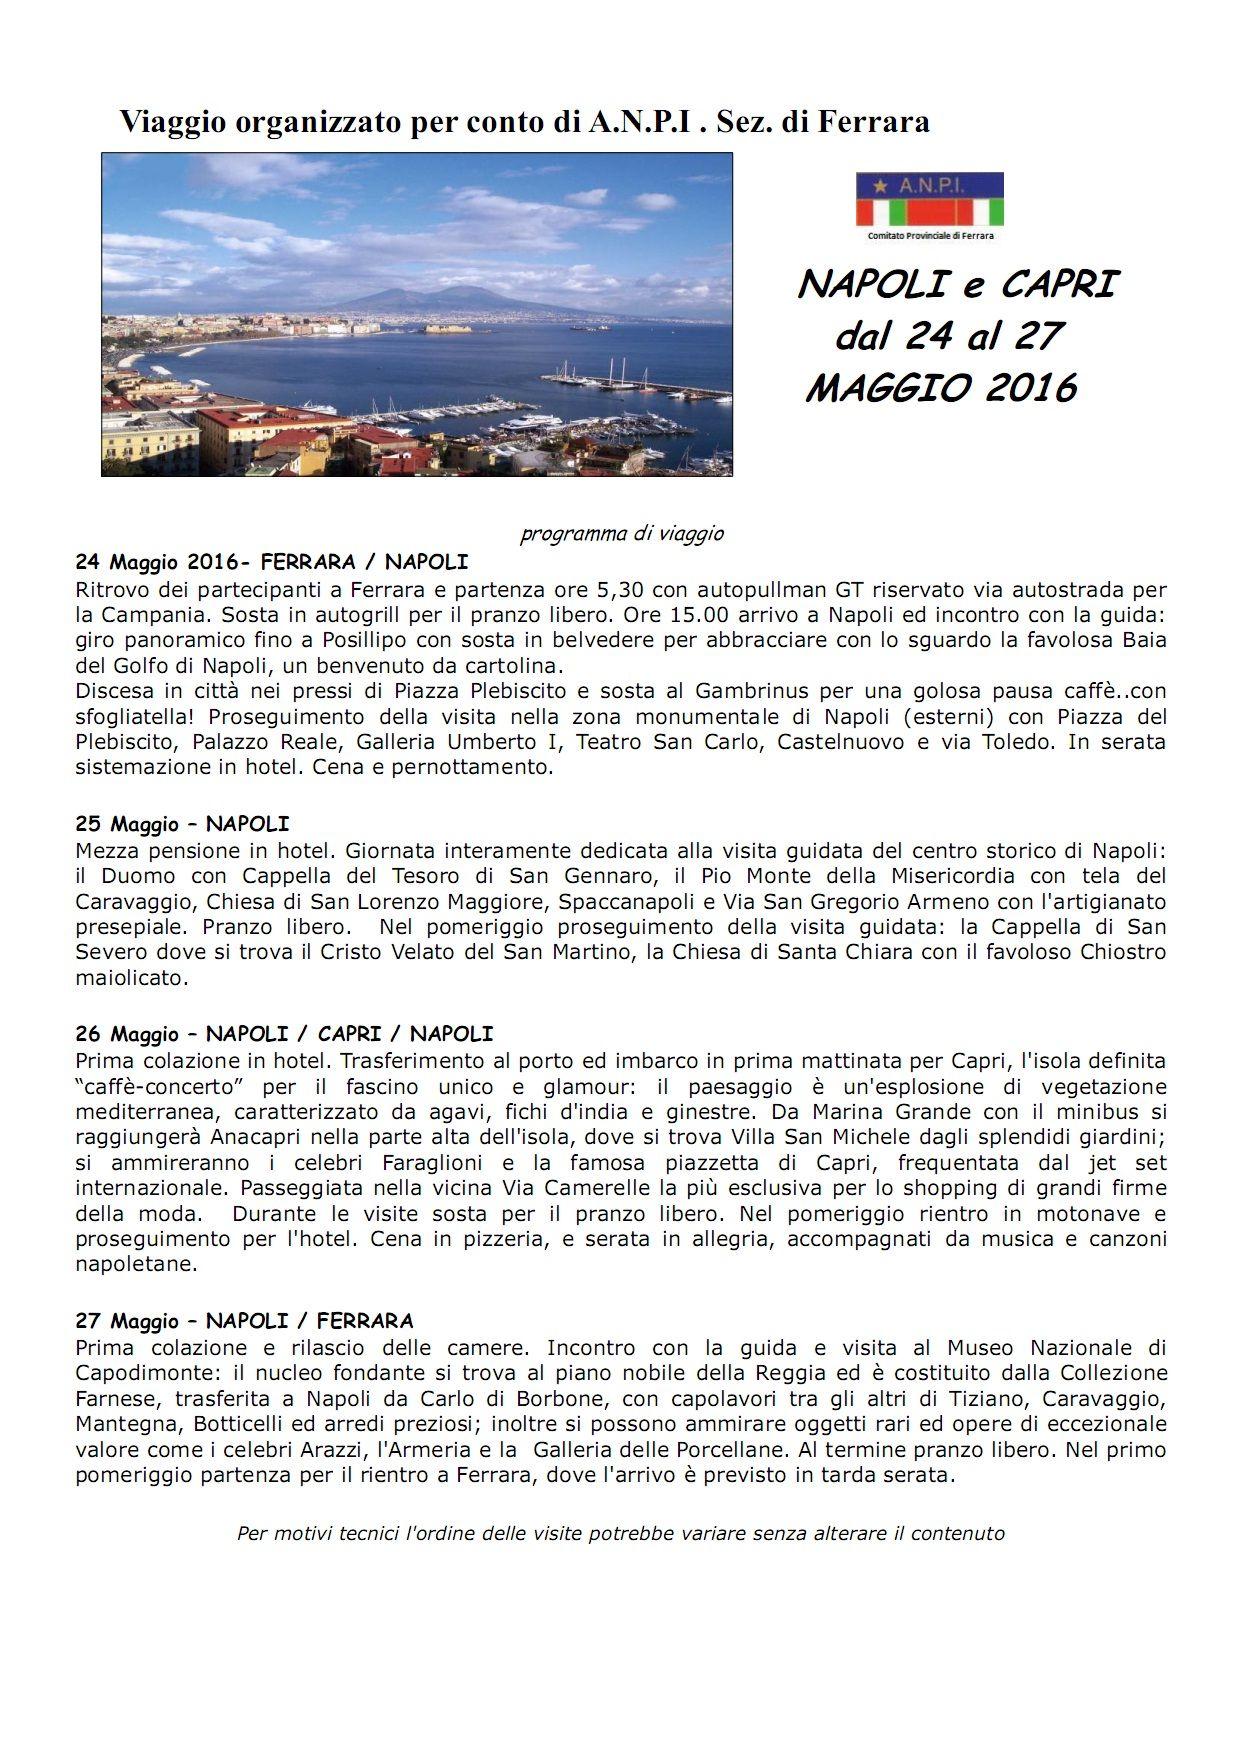 ANPIFerrara_ViaggioNapoli_24-27Maggio2016